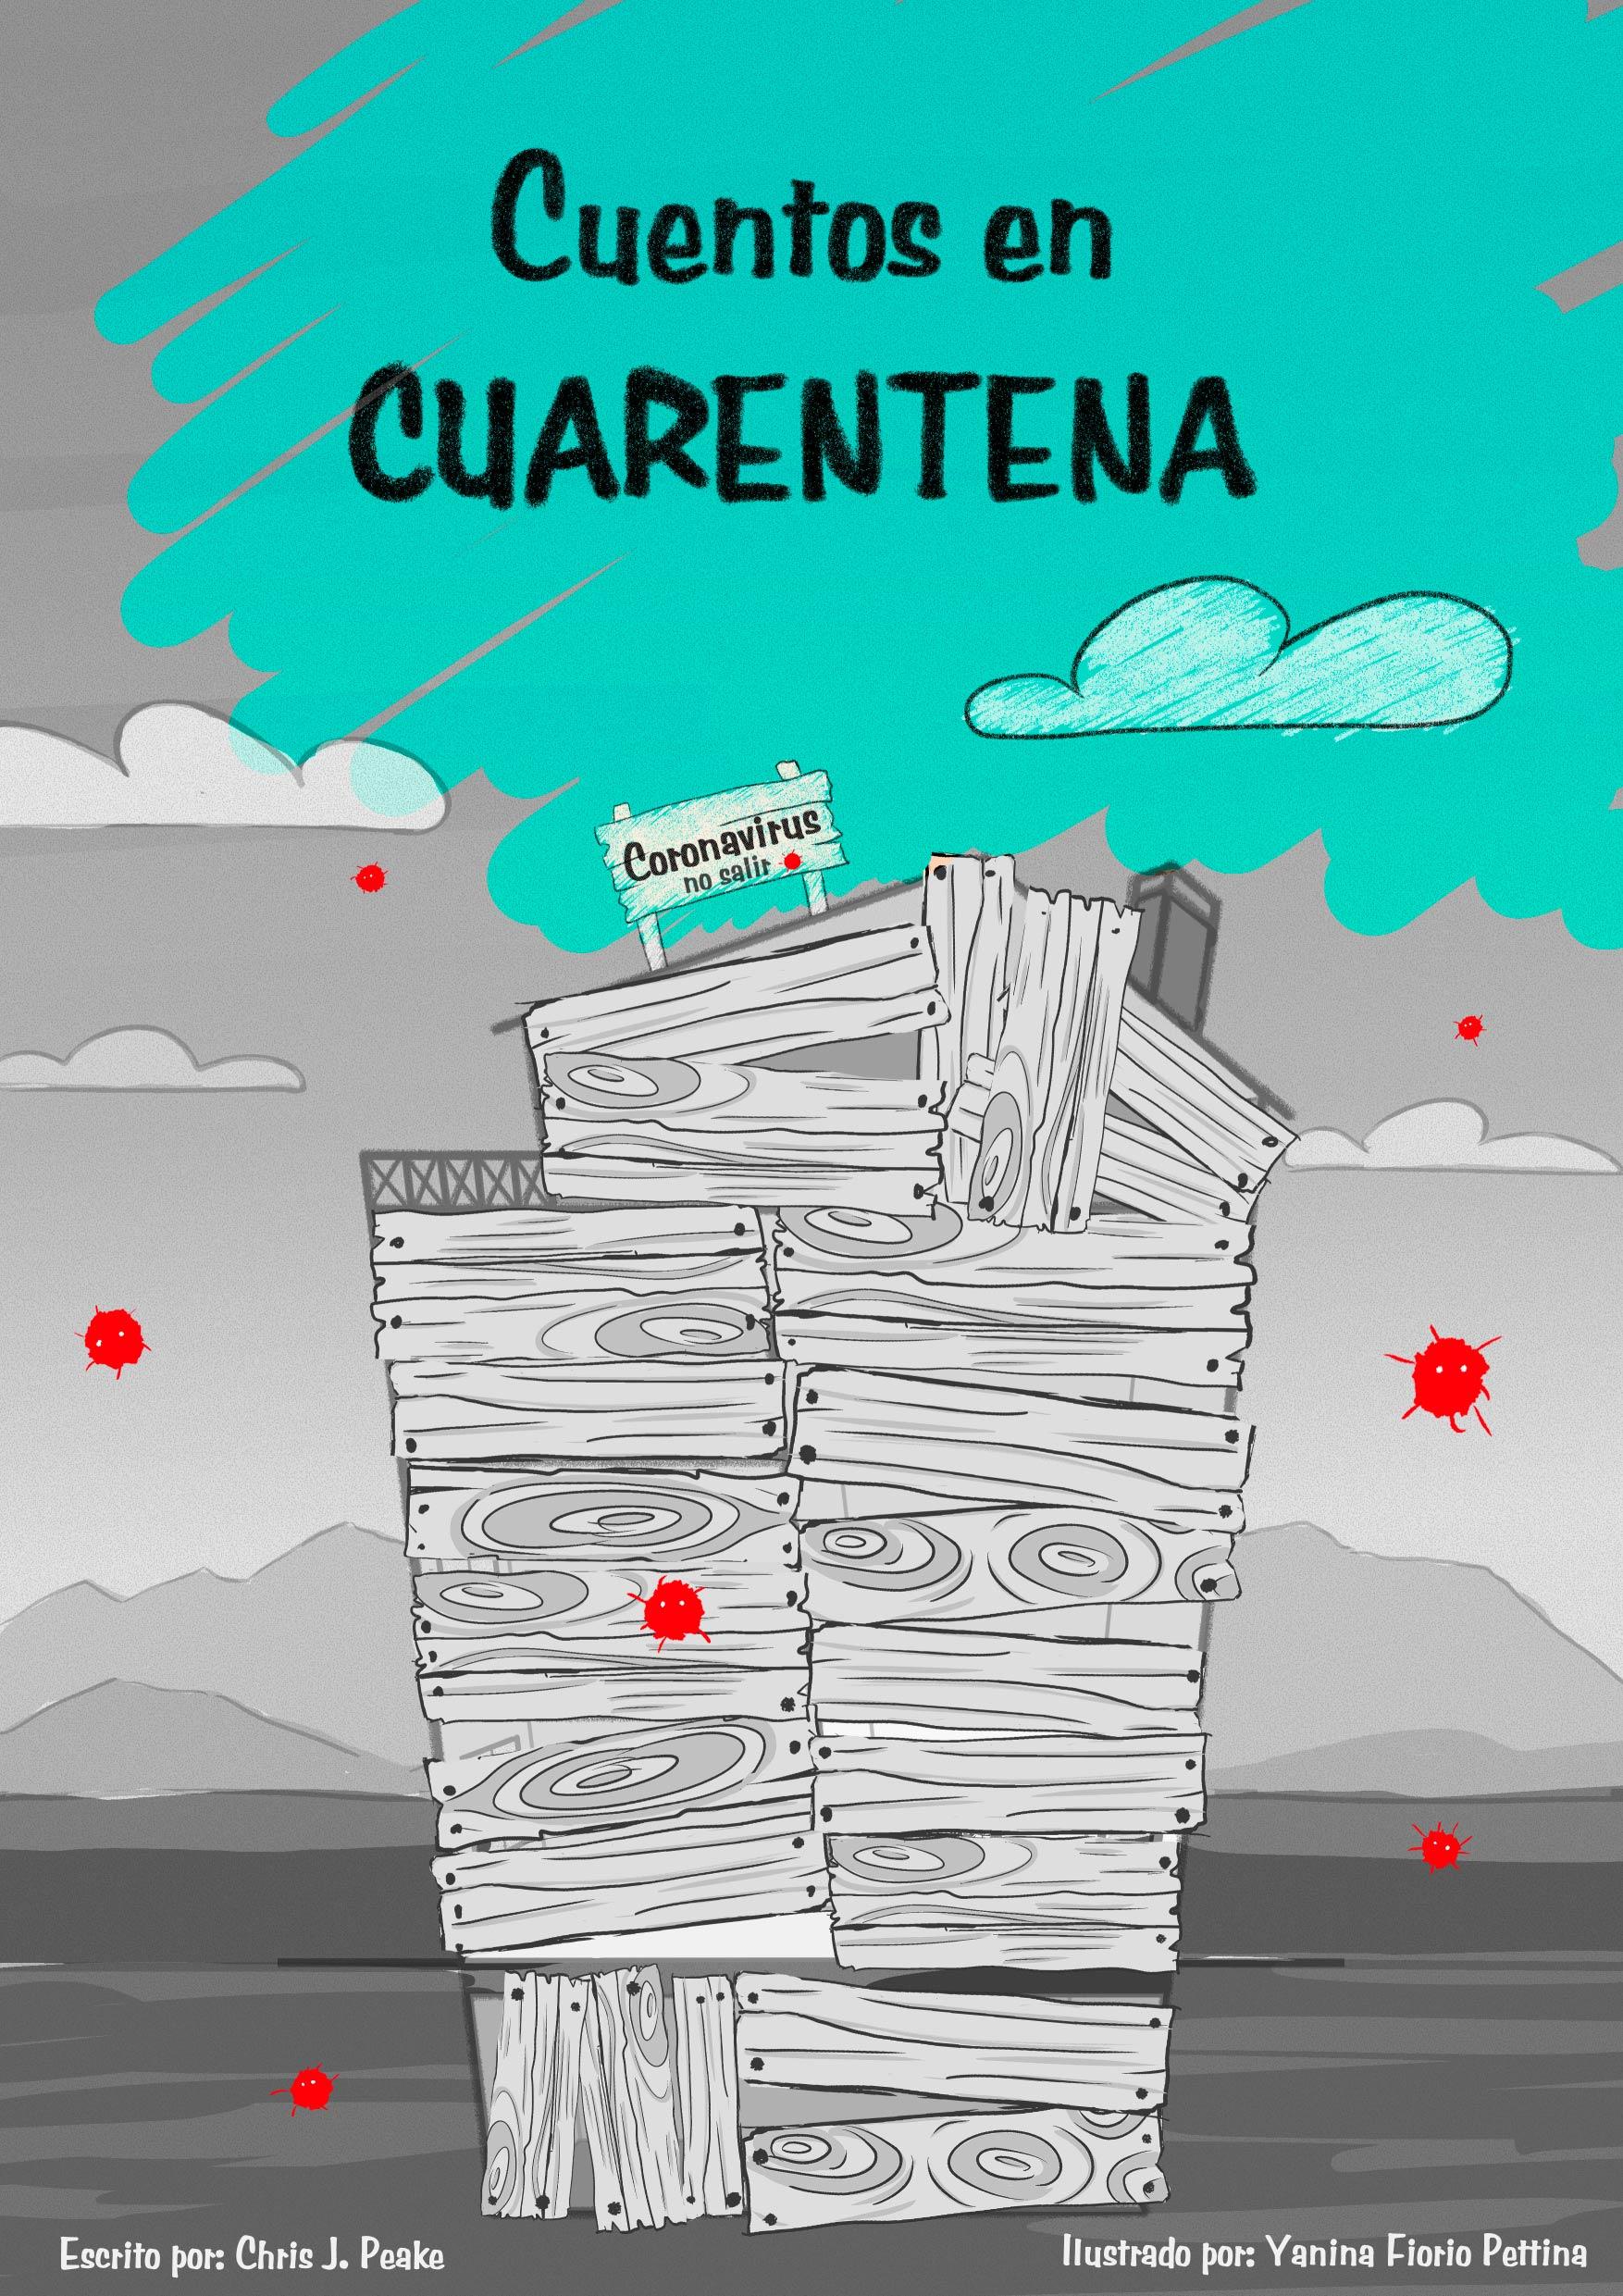 Cuentos en Cuarentena